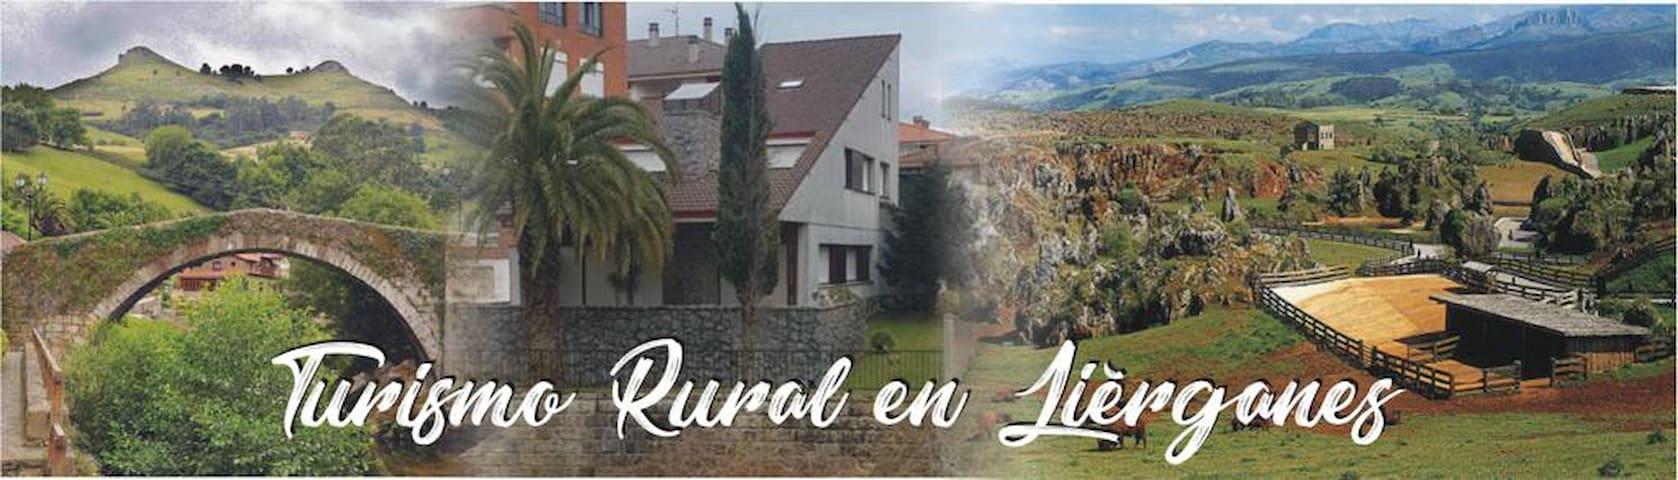 Casa rural el balcón del río miera Lierganes